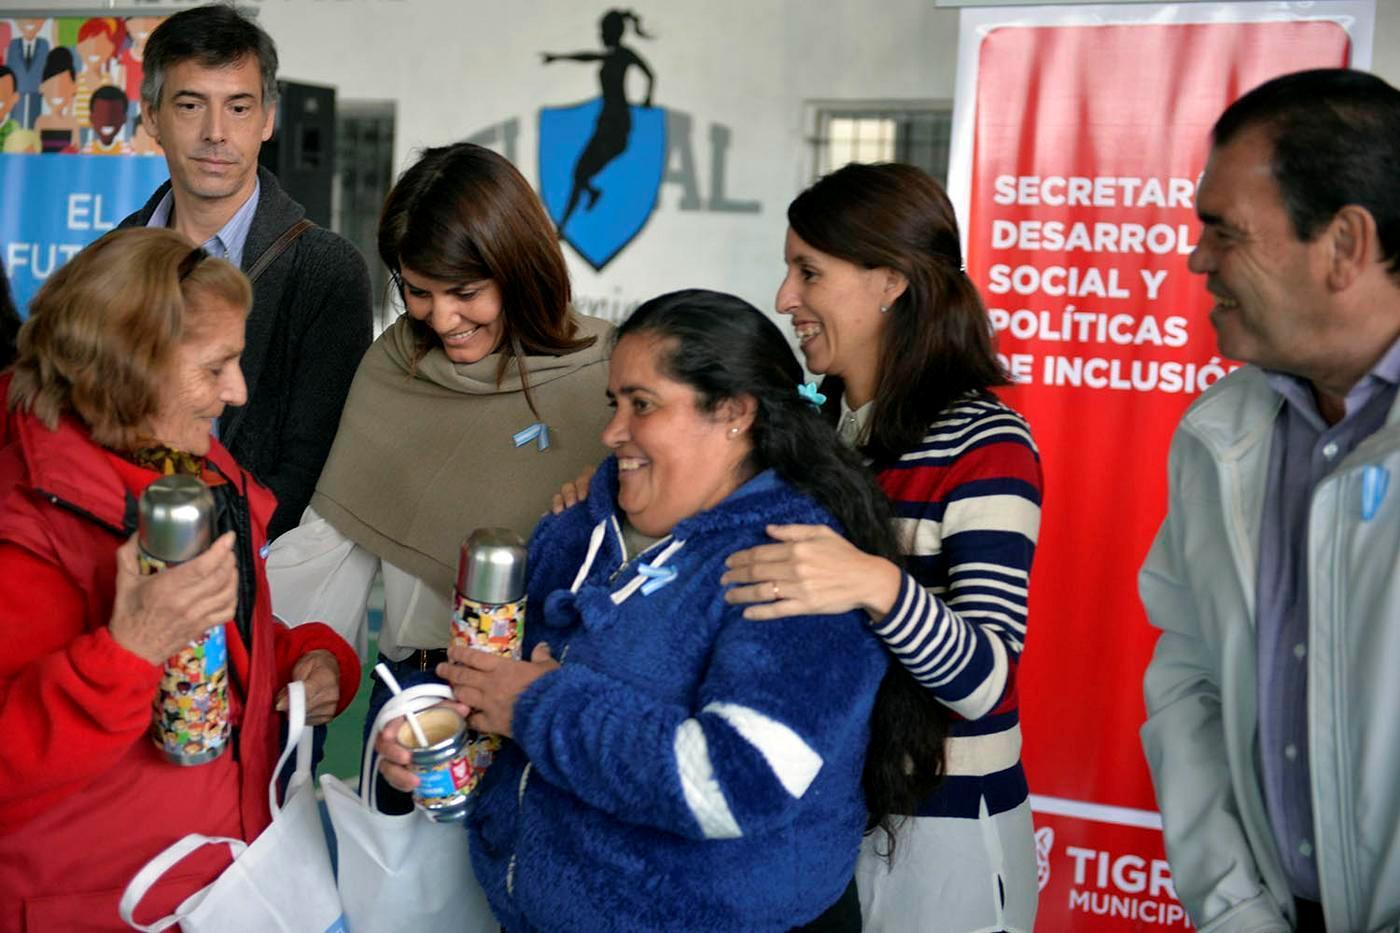 Tigre distinguió a más de 250 trabajadoras vecinales por su labor diaria en la comunidad